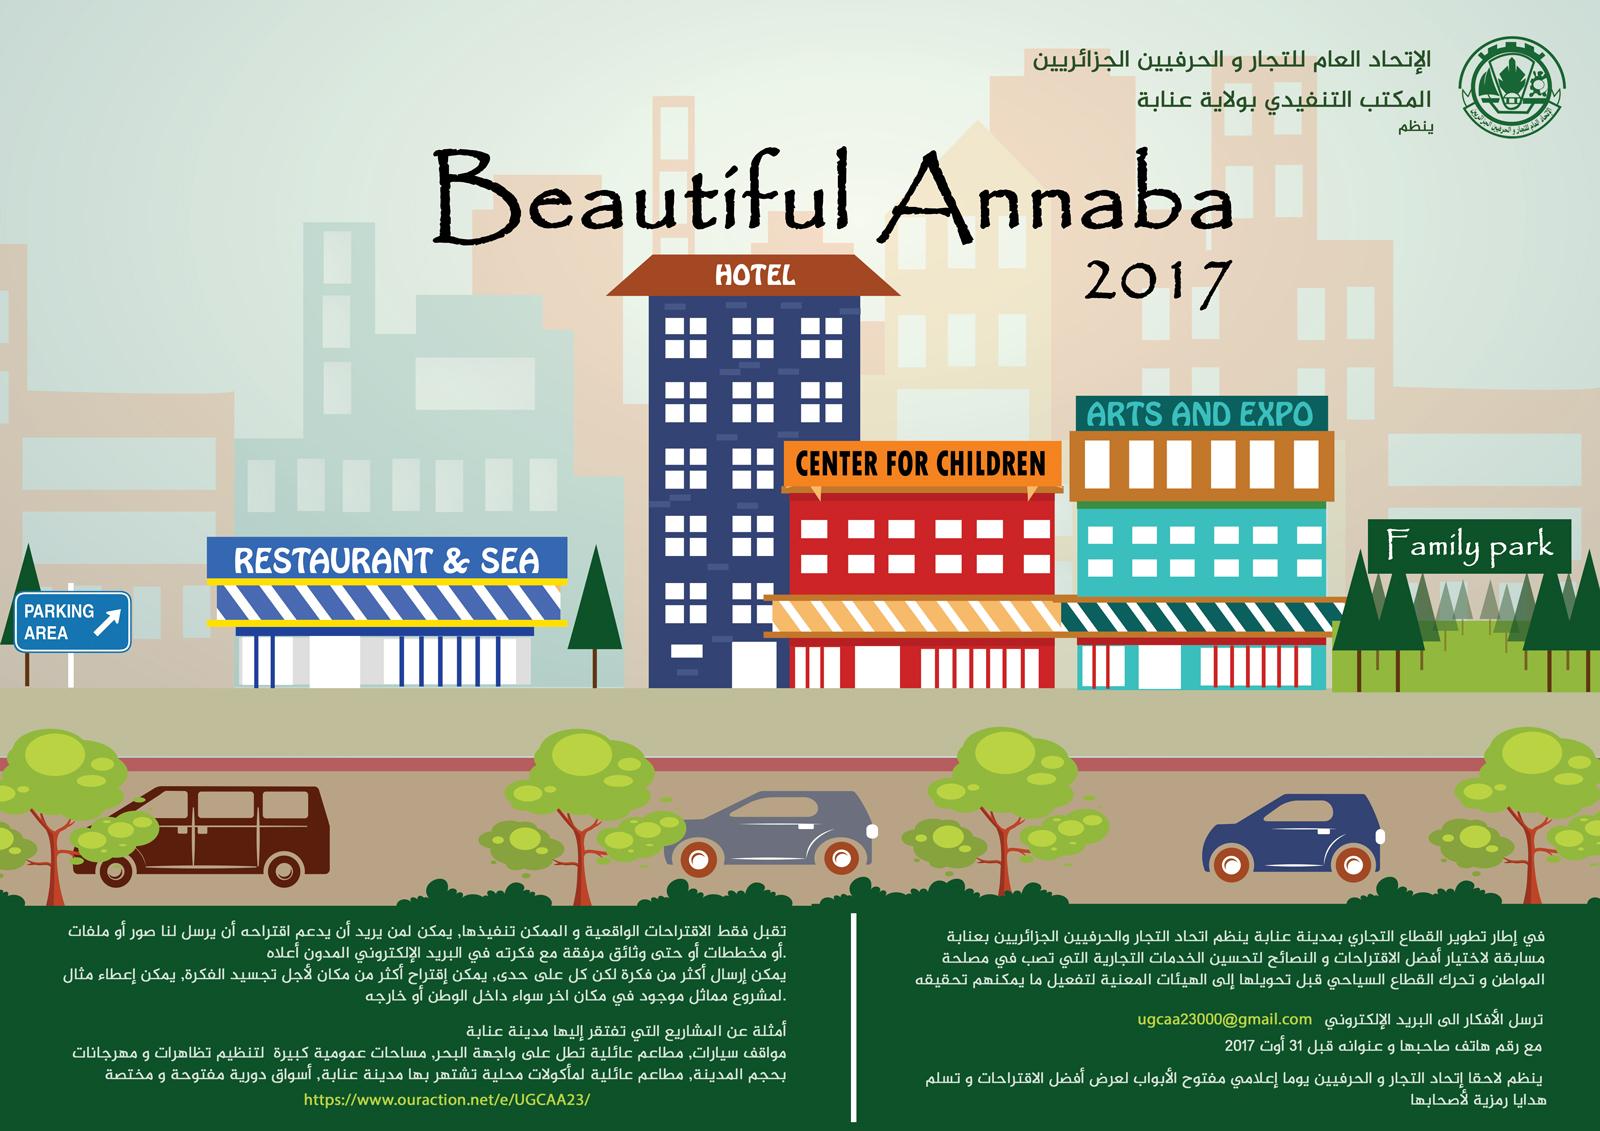 Beautiful Annaba 2017 - الاتحاد العام للتجار والحرفيين الجزائريين - مكتب عنابة